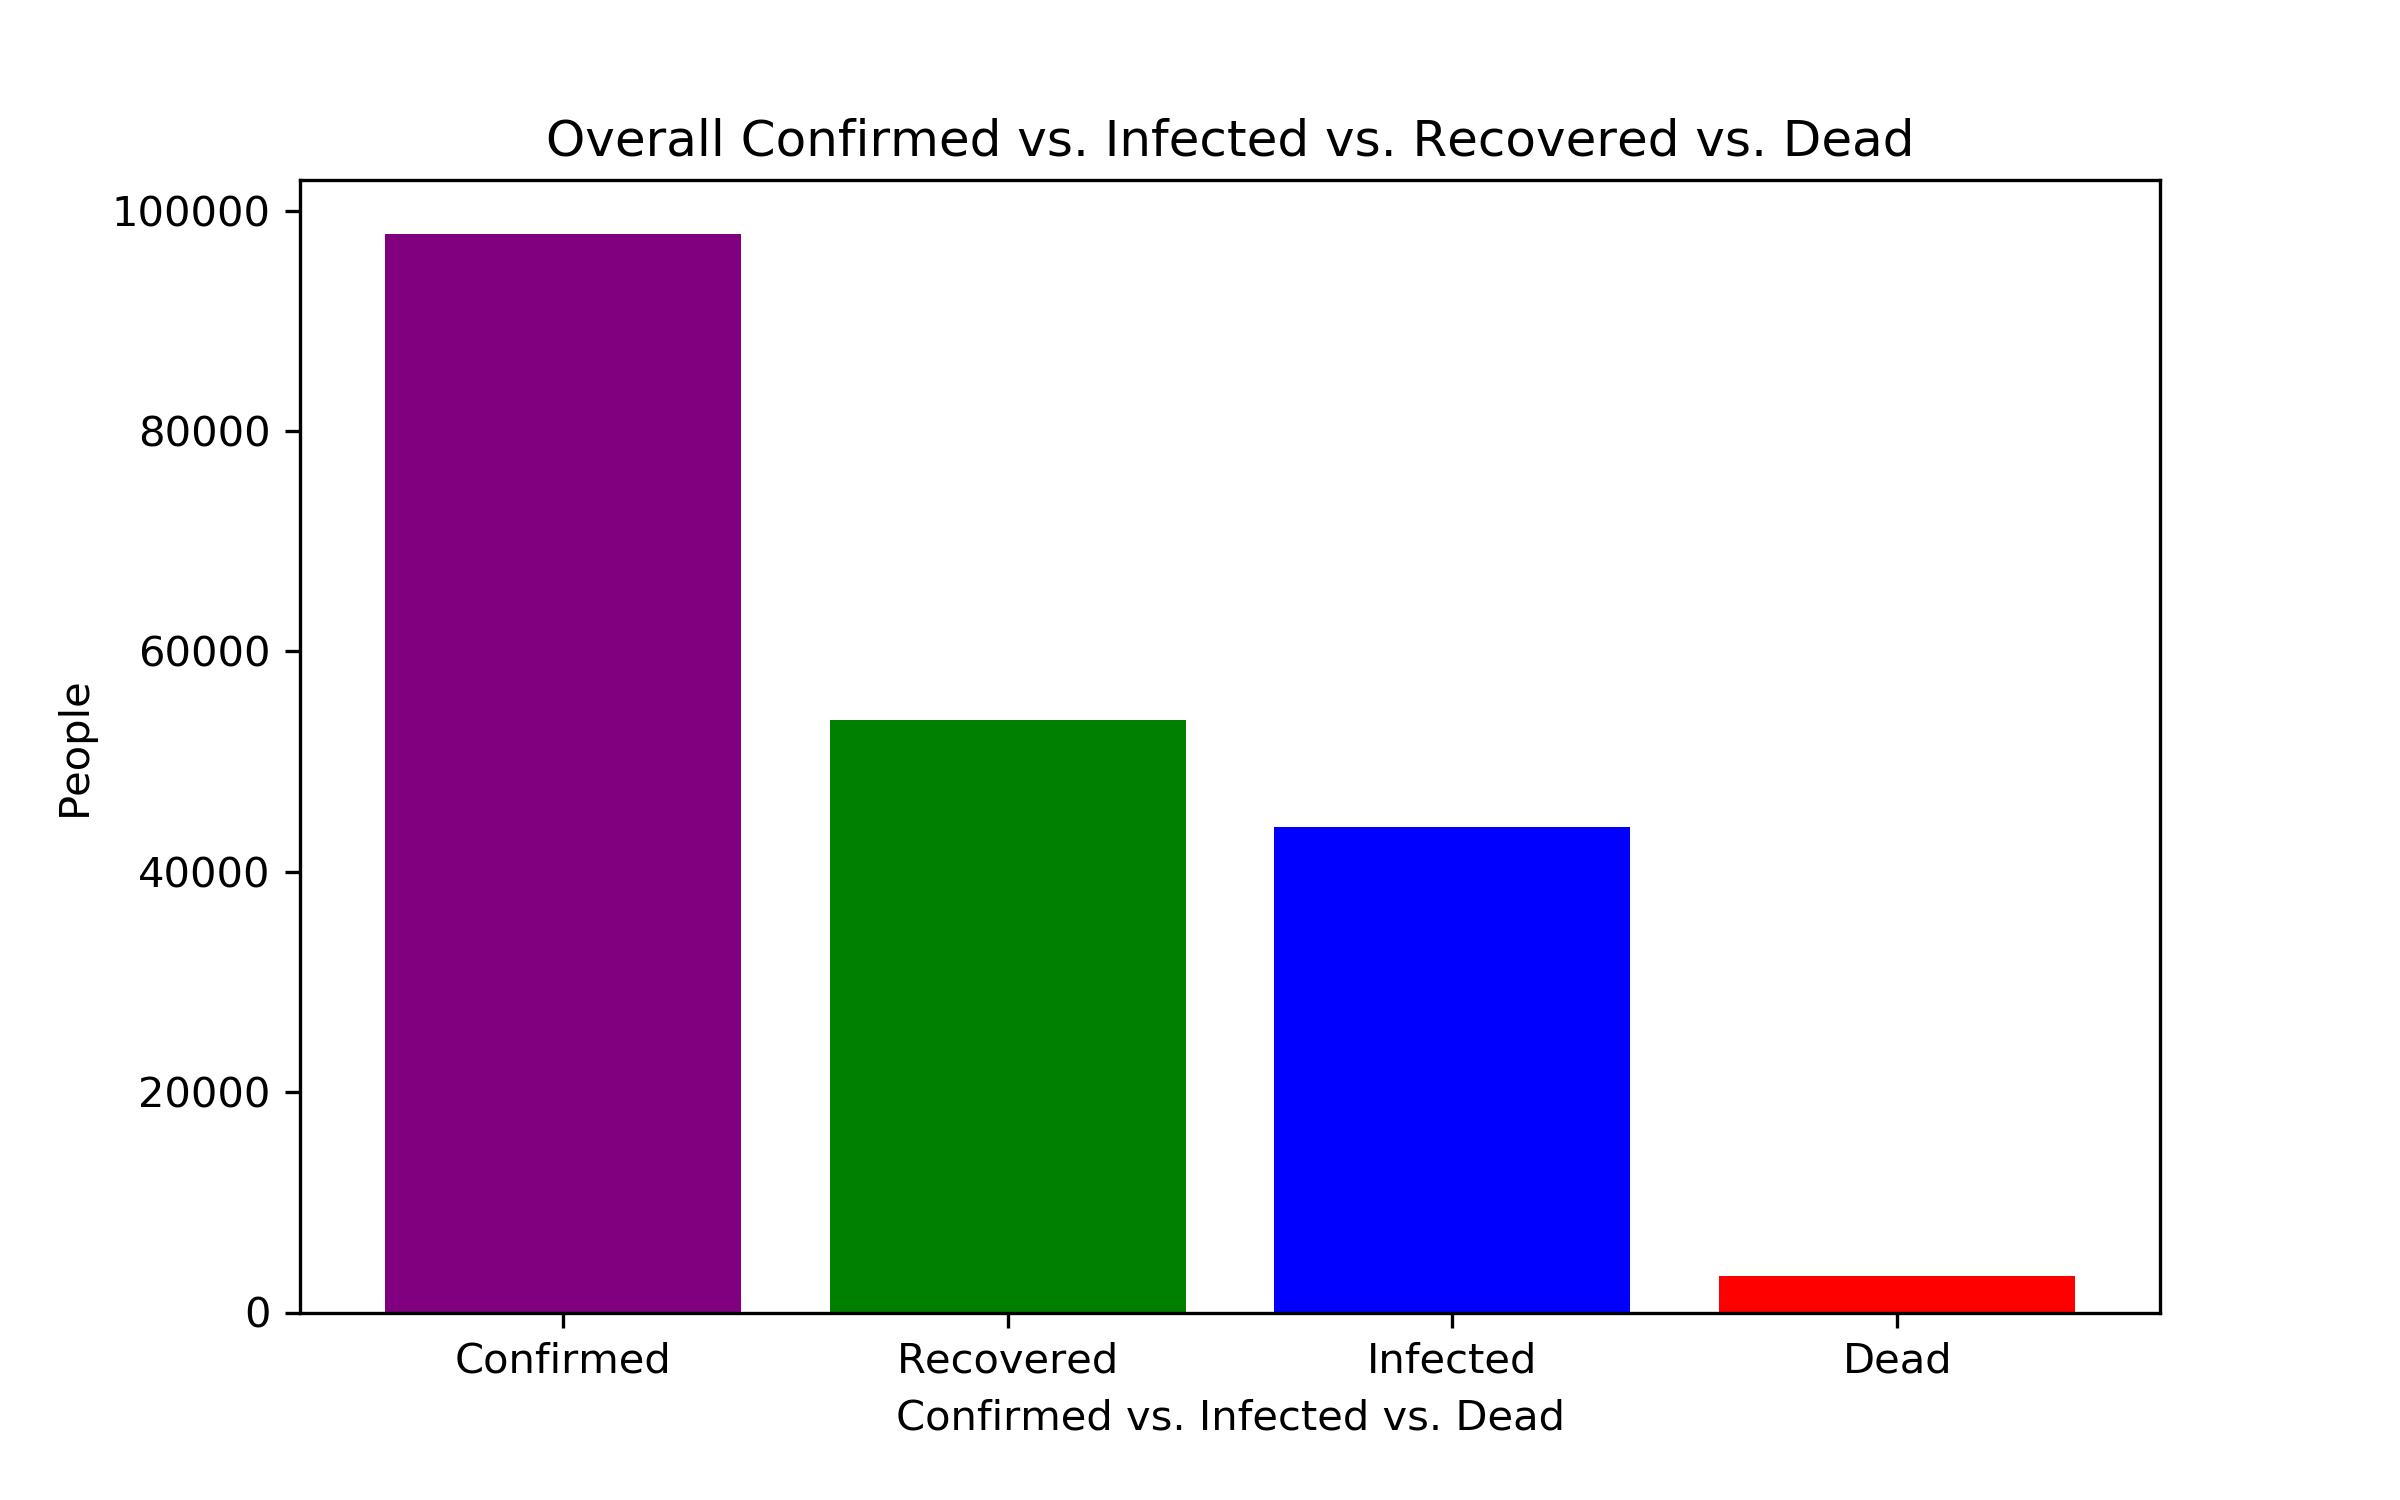 Diagramm: Vergleich der Infektionen, Heilungen und Toten